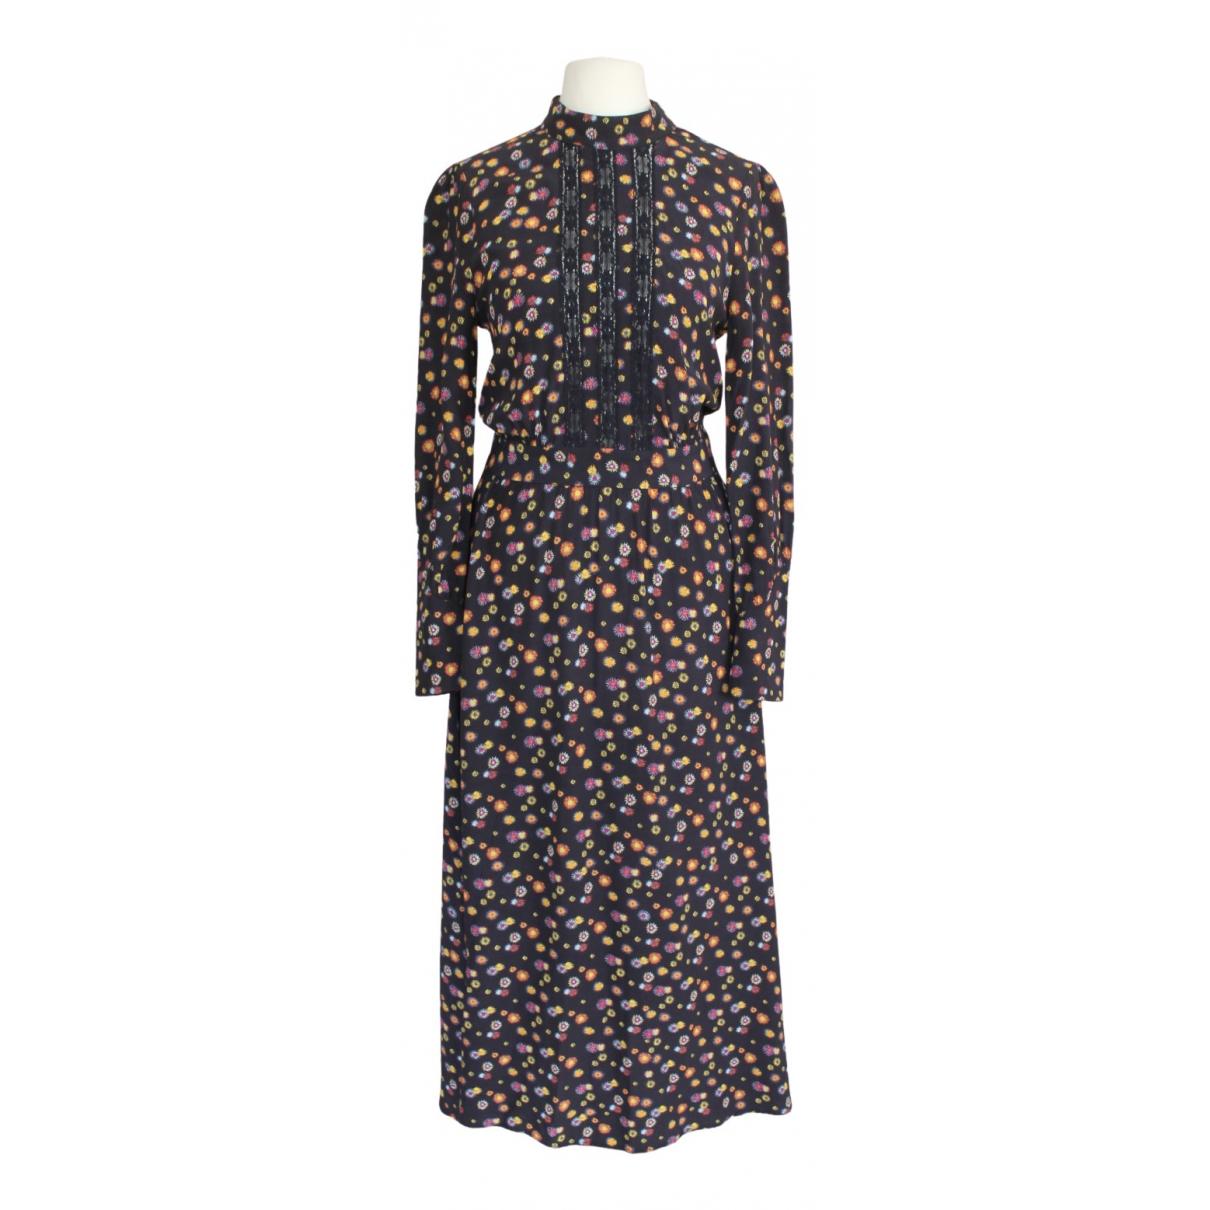 & Stories \N dress for Women 34 FR